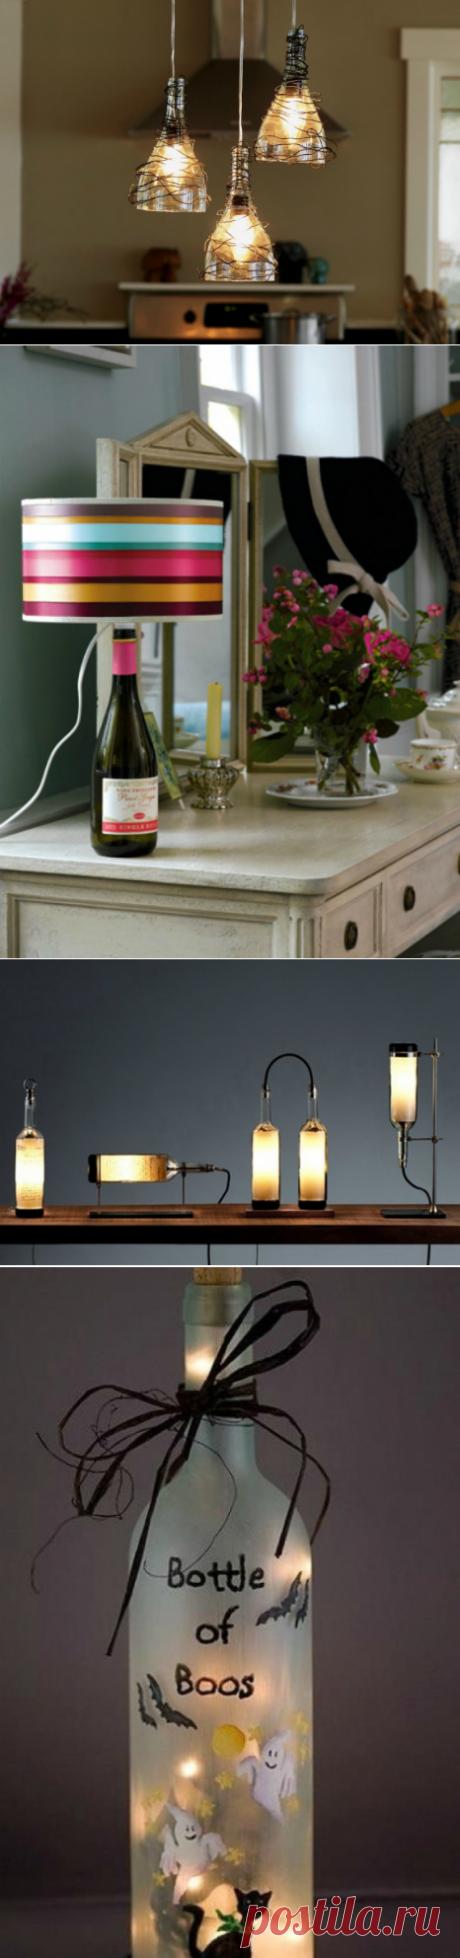 Идеи превращения винных бутылок в стильные и функциональные бытовые предметы